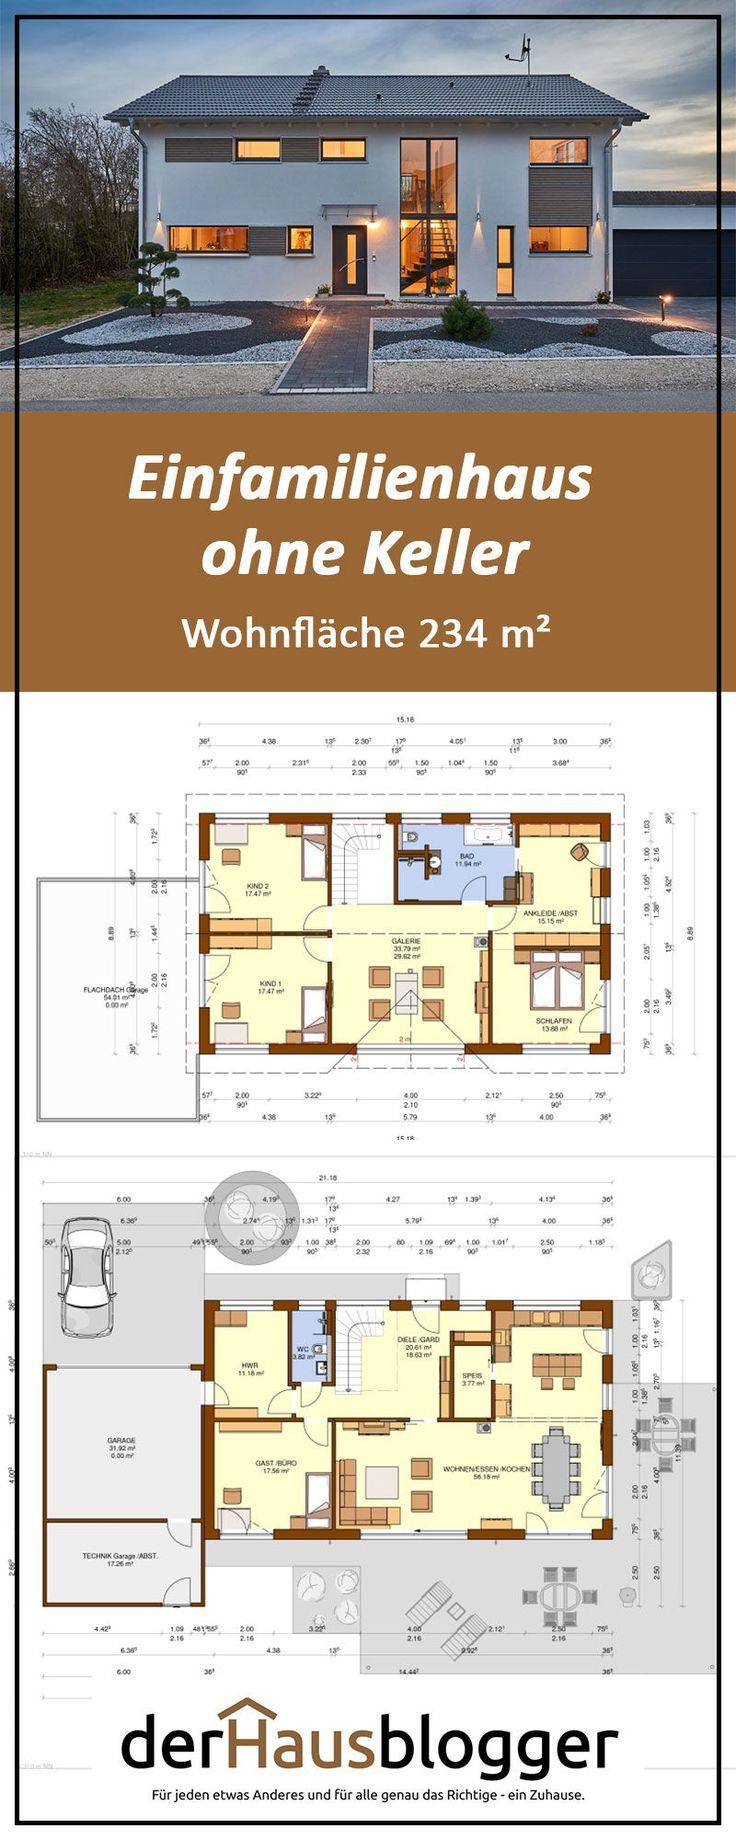 Einfamilienhaus ohne Keller, Wohnfläche 234 m² – Clarissa